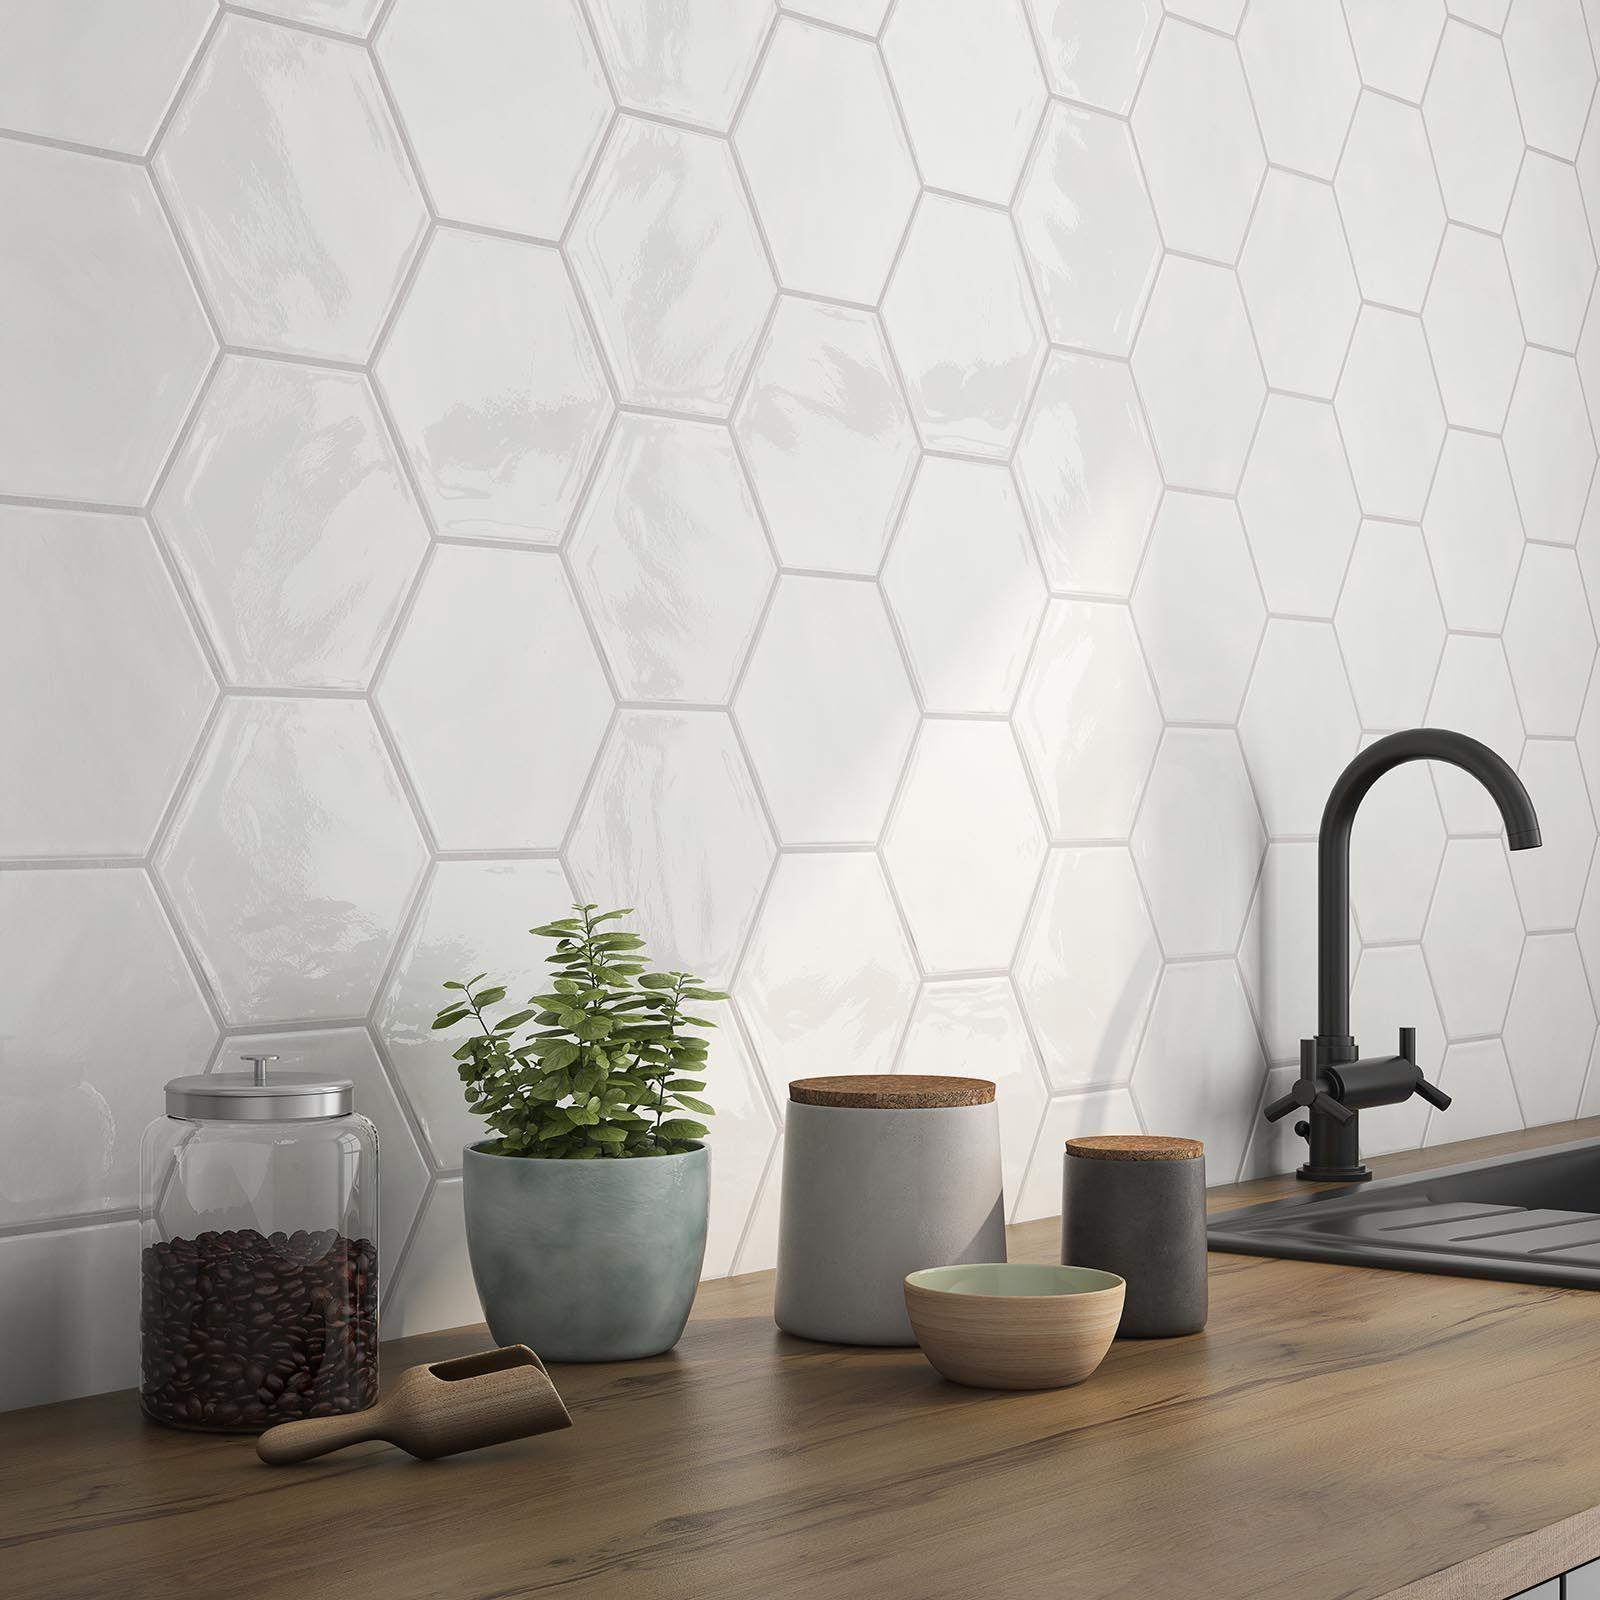 Vintage Kitchen Decor Themed Kitchen Decor Sets Kitchen Decor At Walmart Pig Kitchen Decor Apa In 2020 Hexagon Tile Kitchen Kitchen Tiles Backsplash Hexagon Tiles